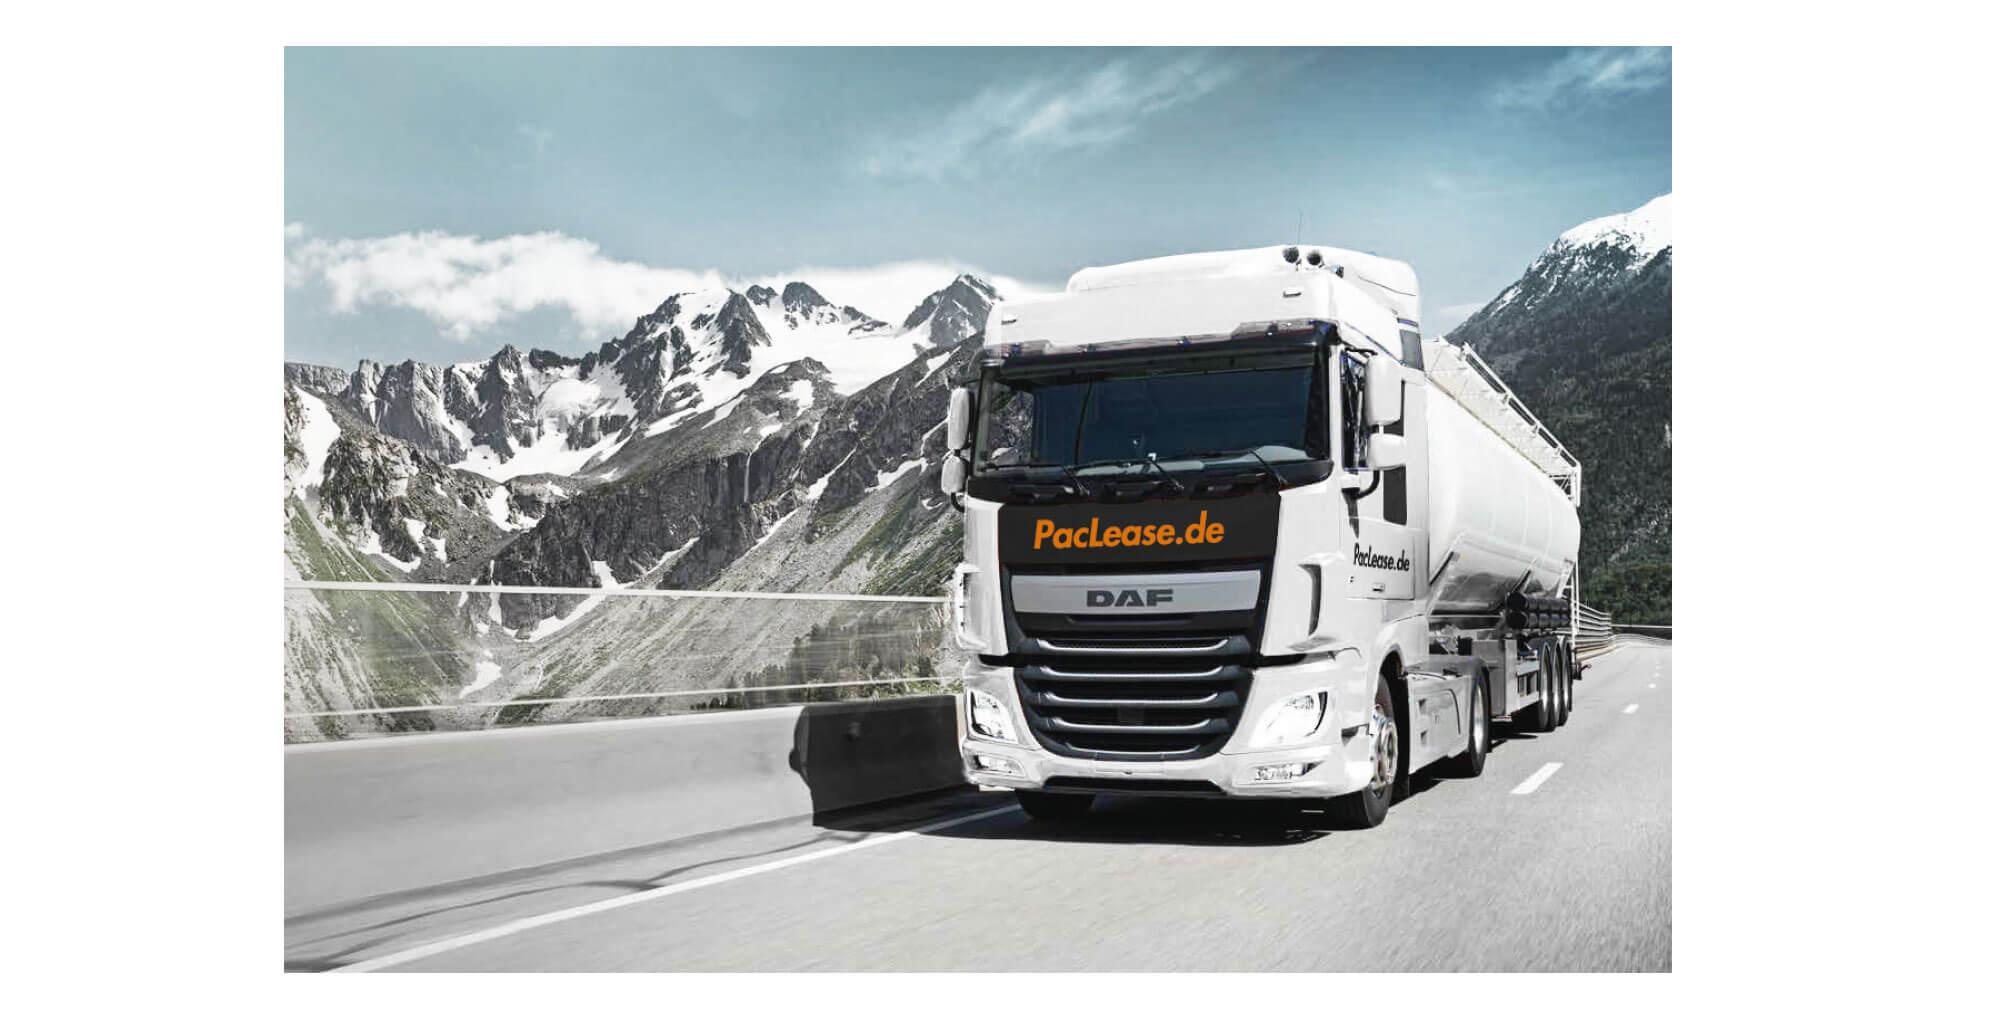 360VIER_Paclease_Slider_Fotografie_02 Paccar Leasing Deutschland GmbH